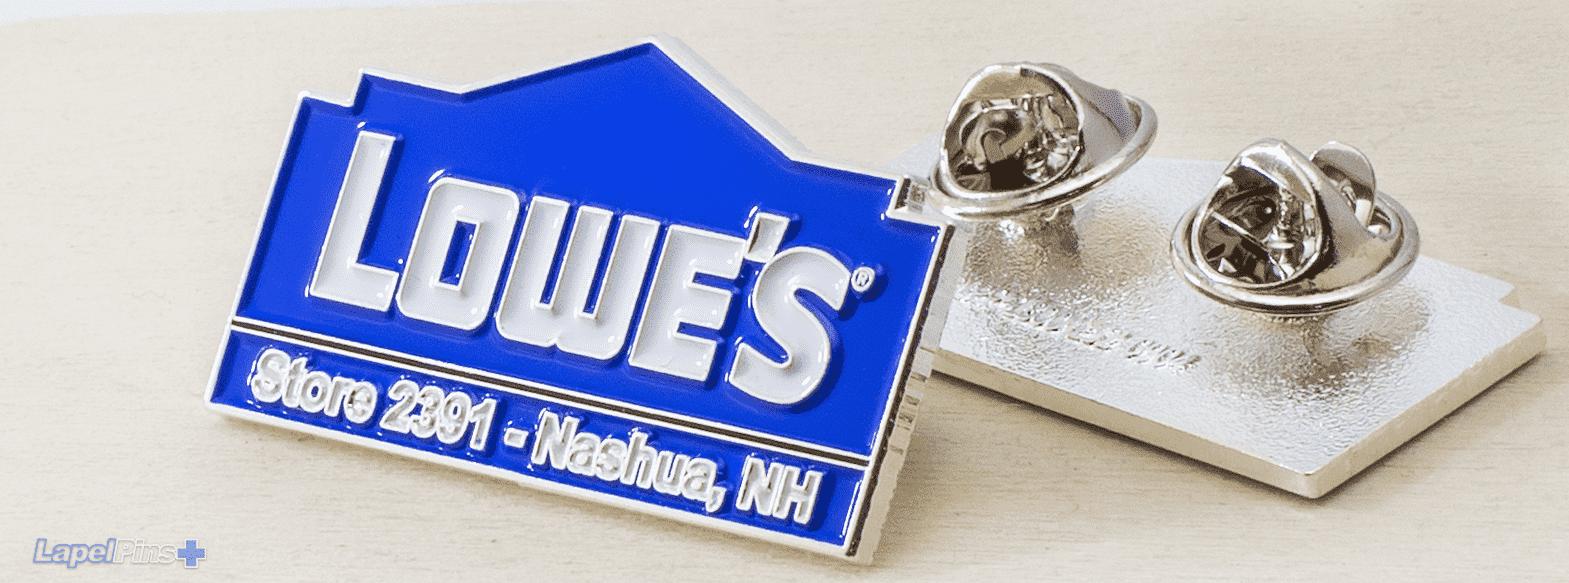 Lowes Lapel Pins Plus